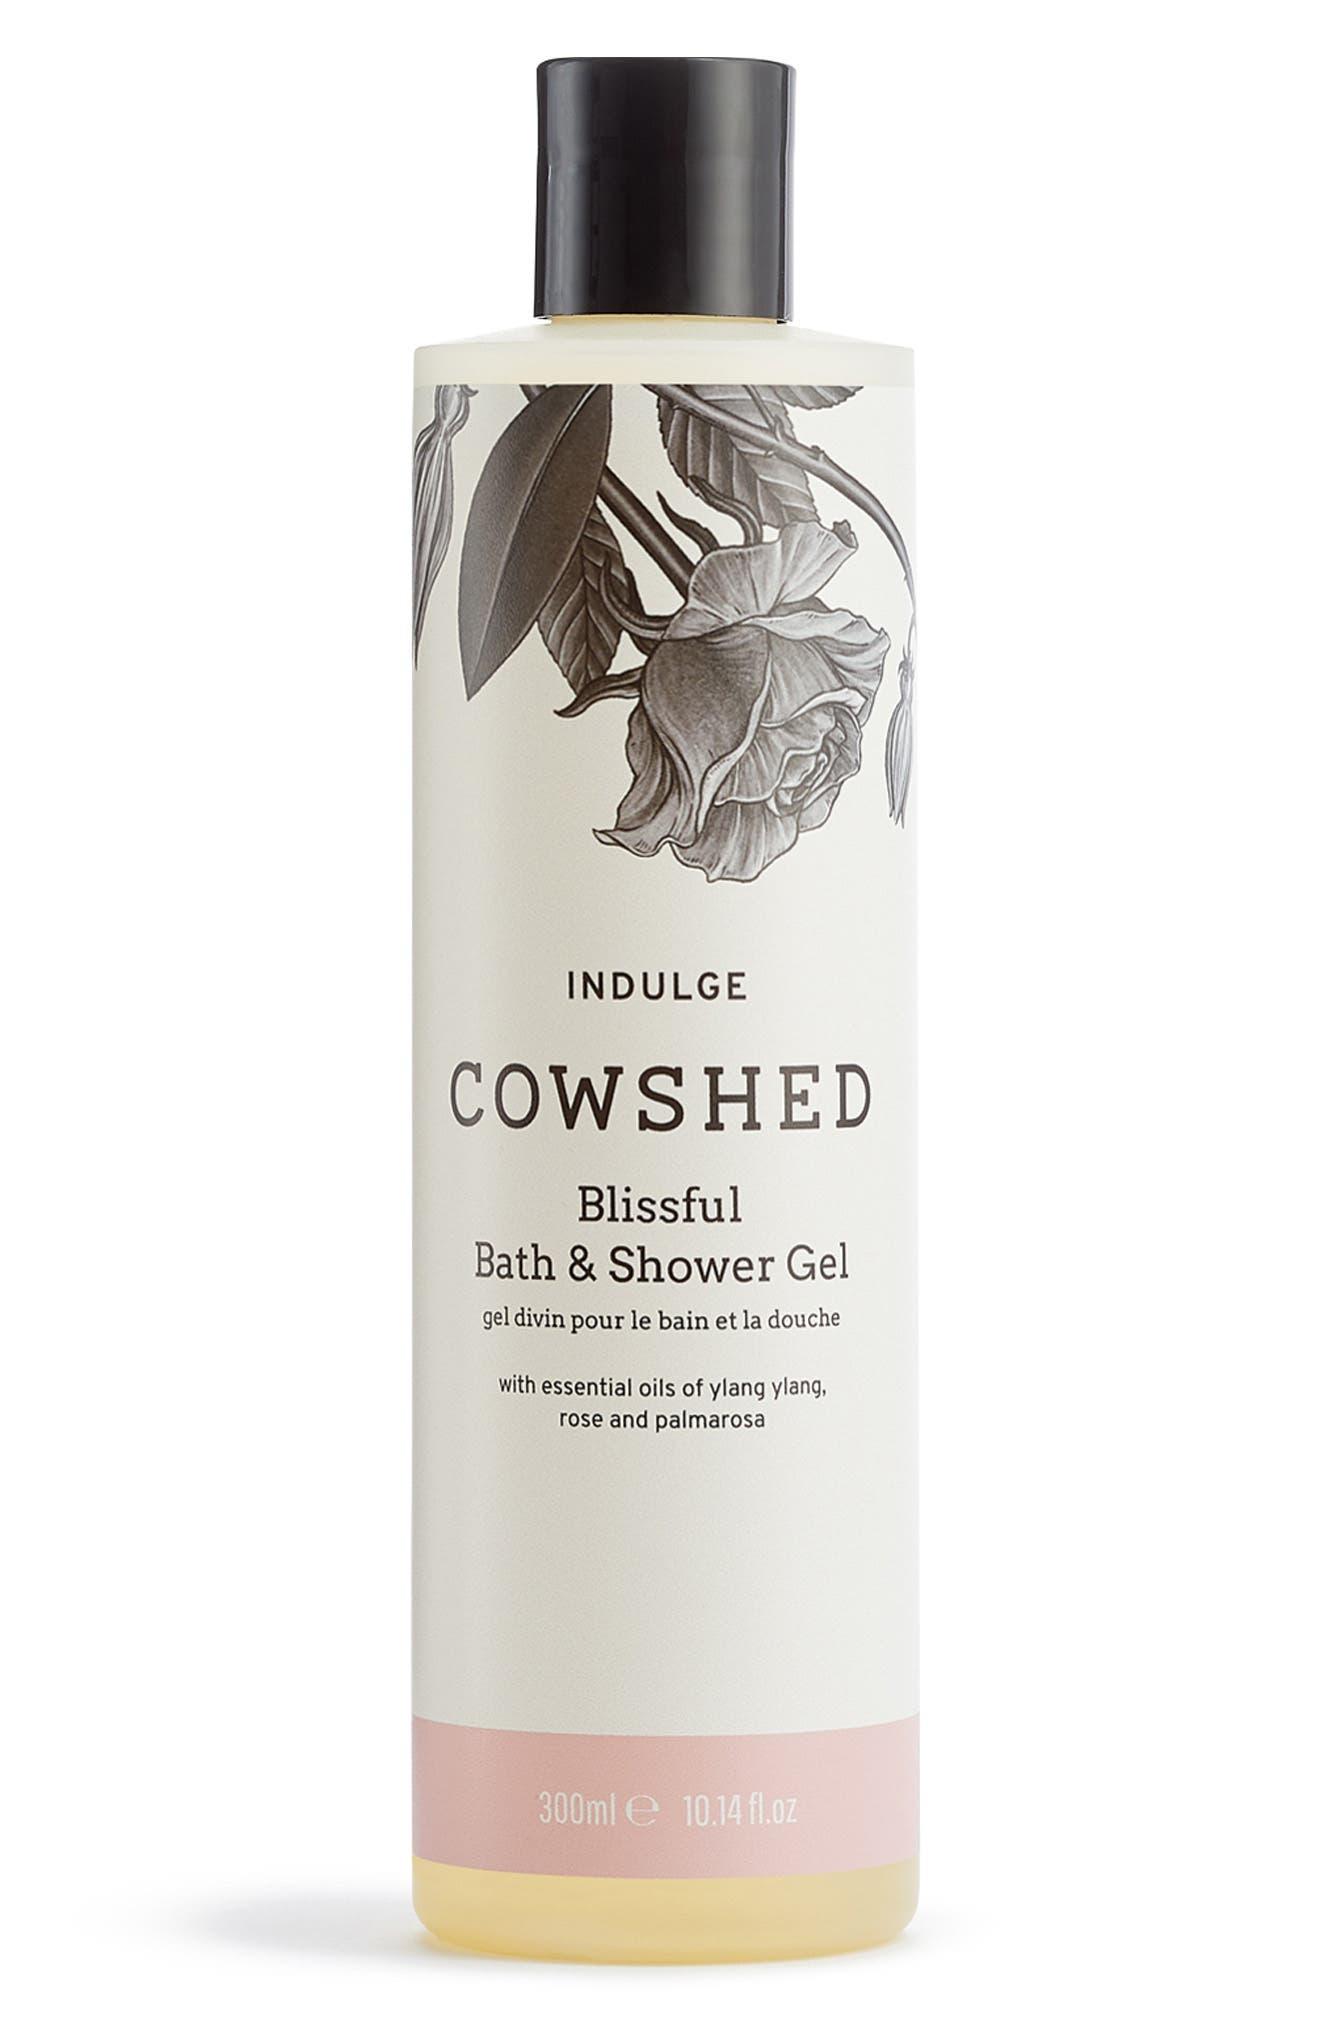 Indulge Blissful Bath & Shower Gel